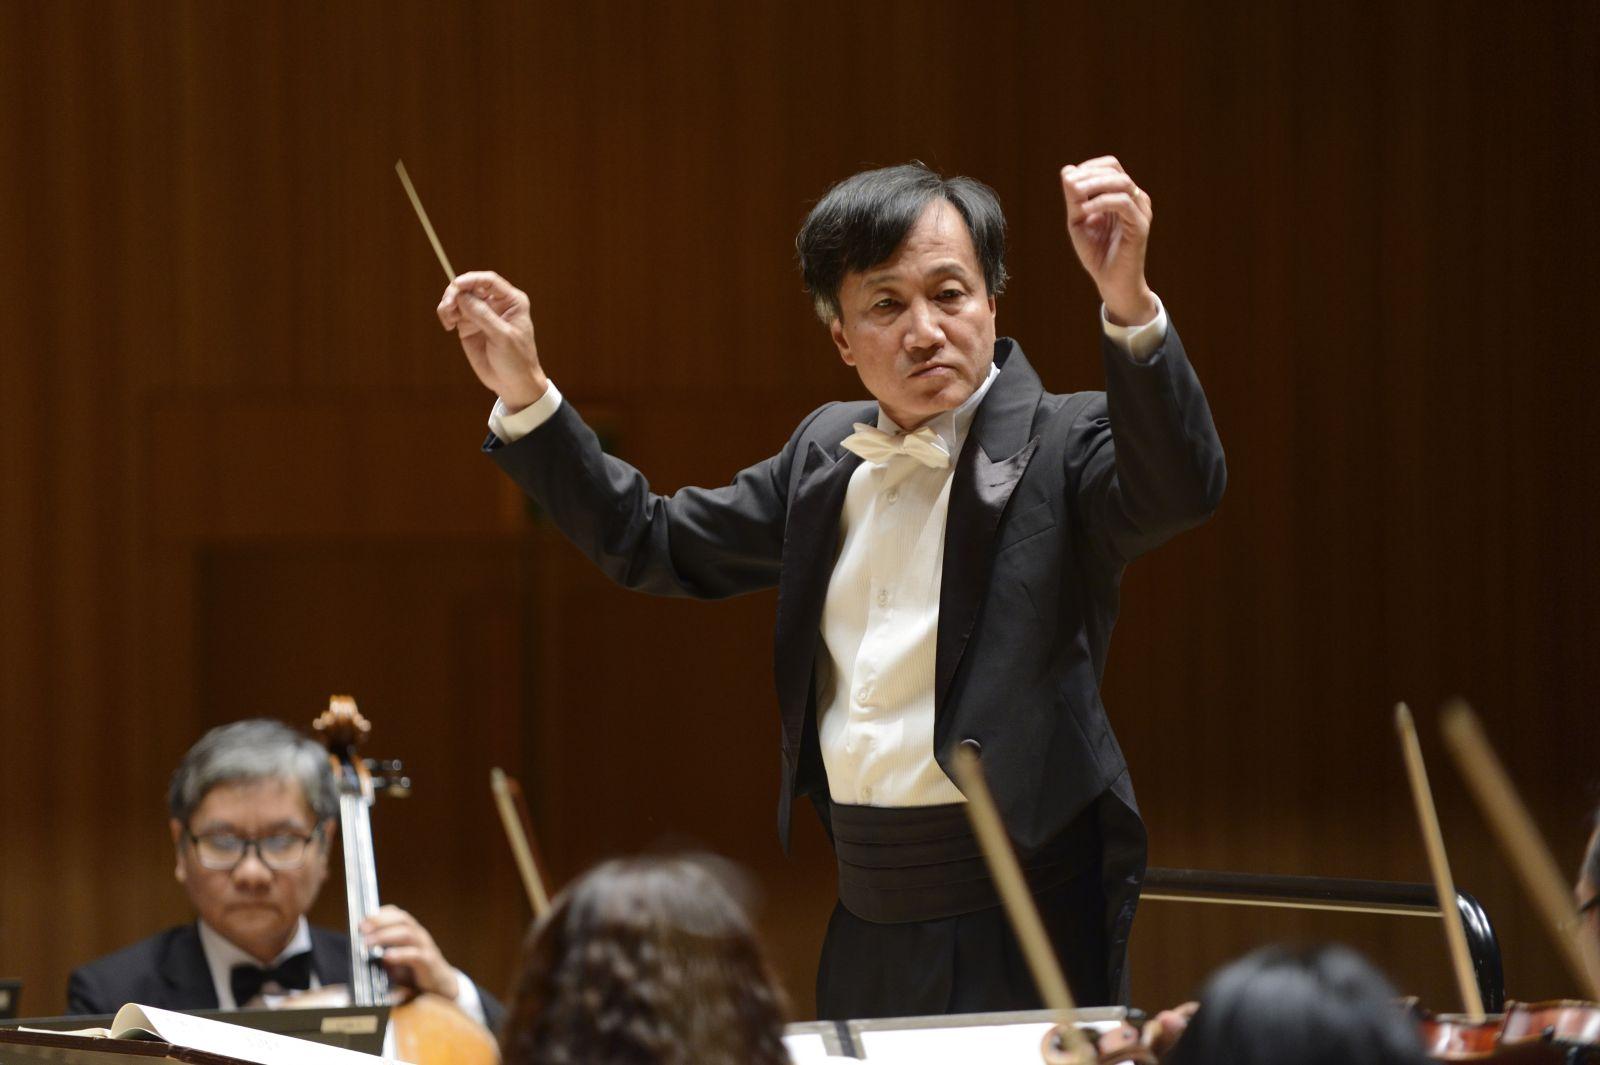 Nhạc trưởng Trần Vương Thạch sẽ chỉ huy Đêm nhạc Ý